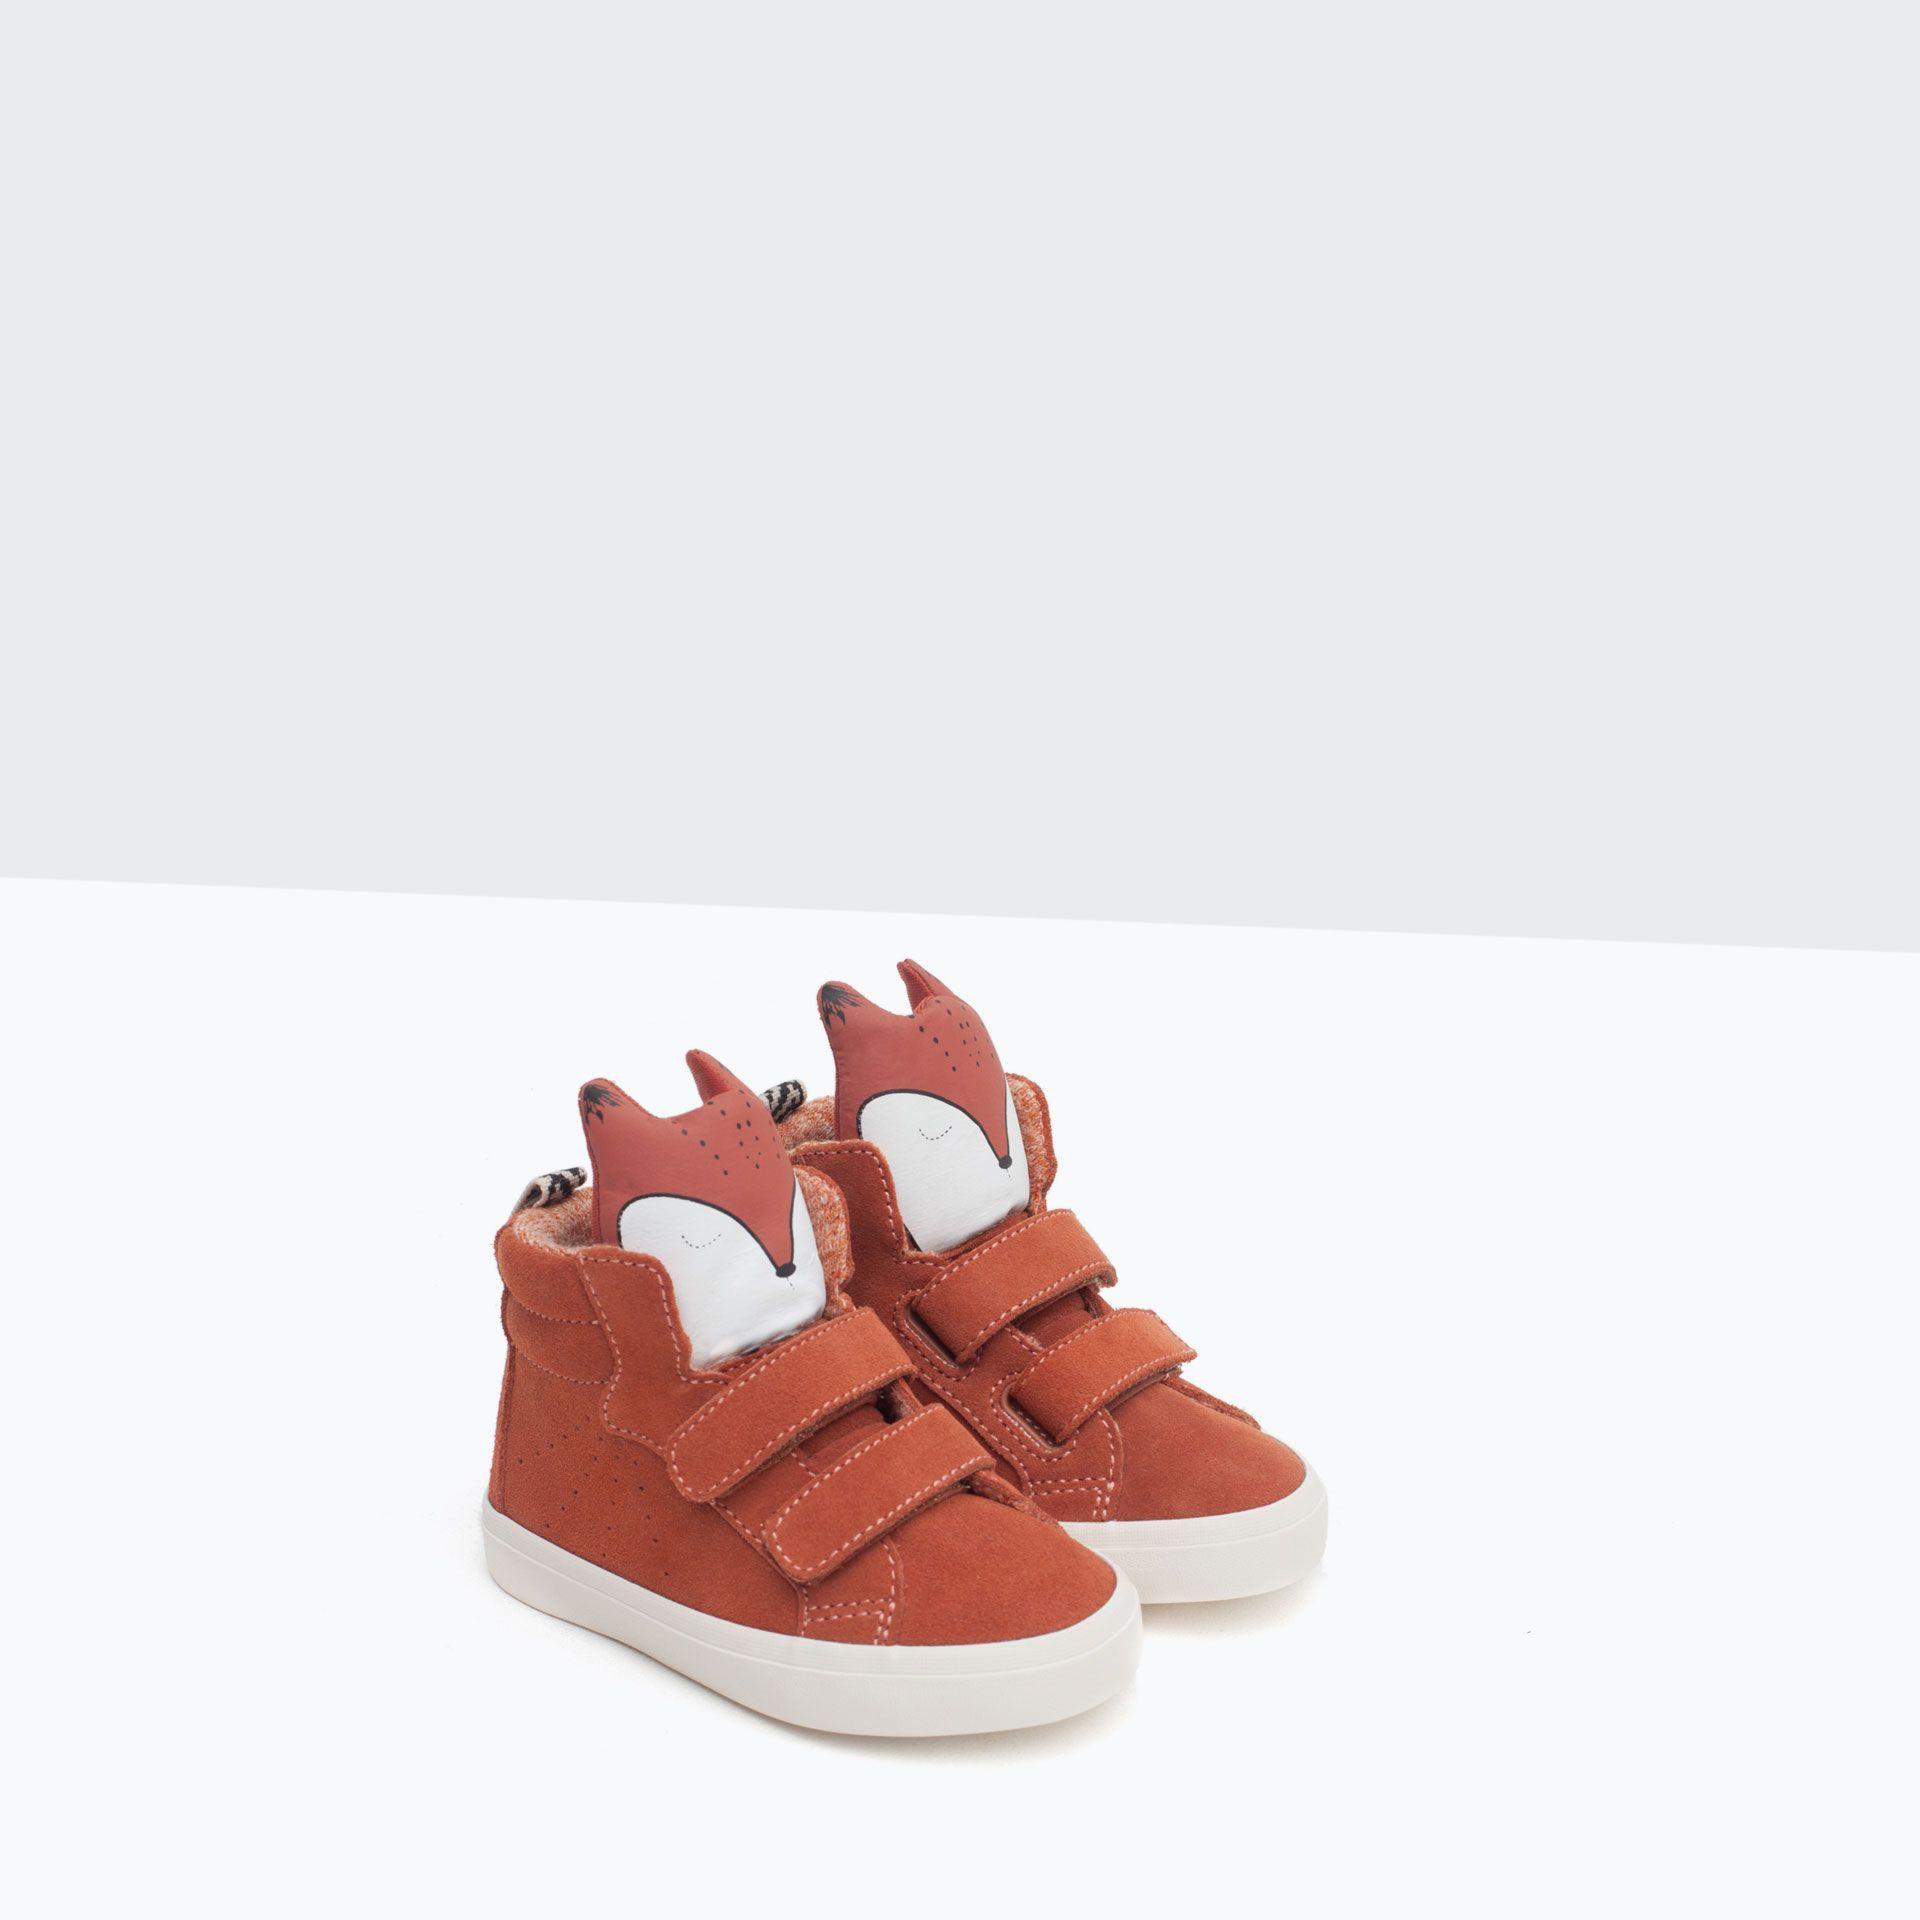 LEREN BASKETBALSCHOEN MET VOSSENPRINT - Schoenen - Baby meisje (3 - 36 maanden) - KINDEREN | ZARA Nederland